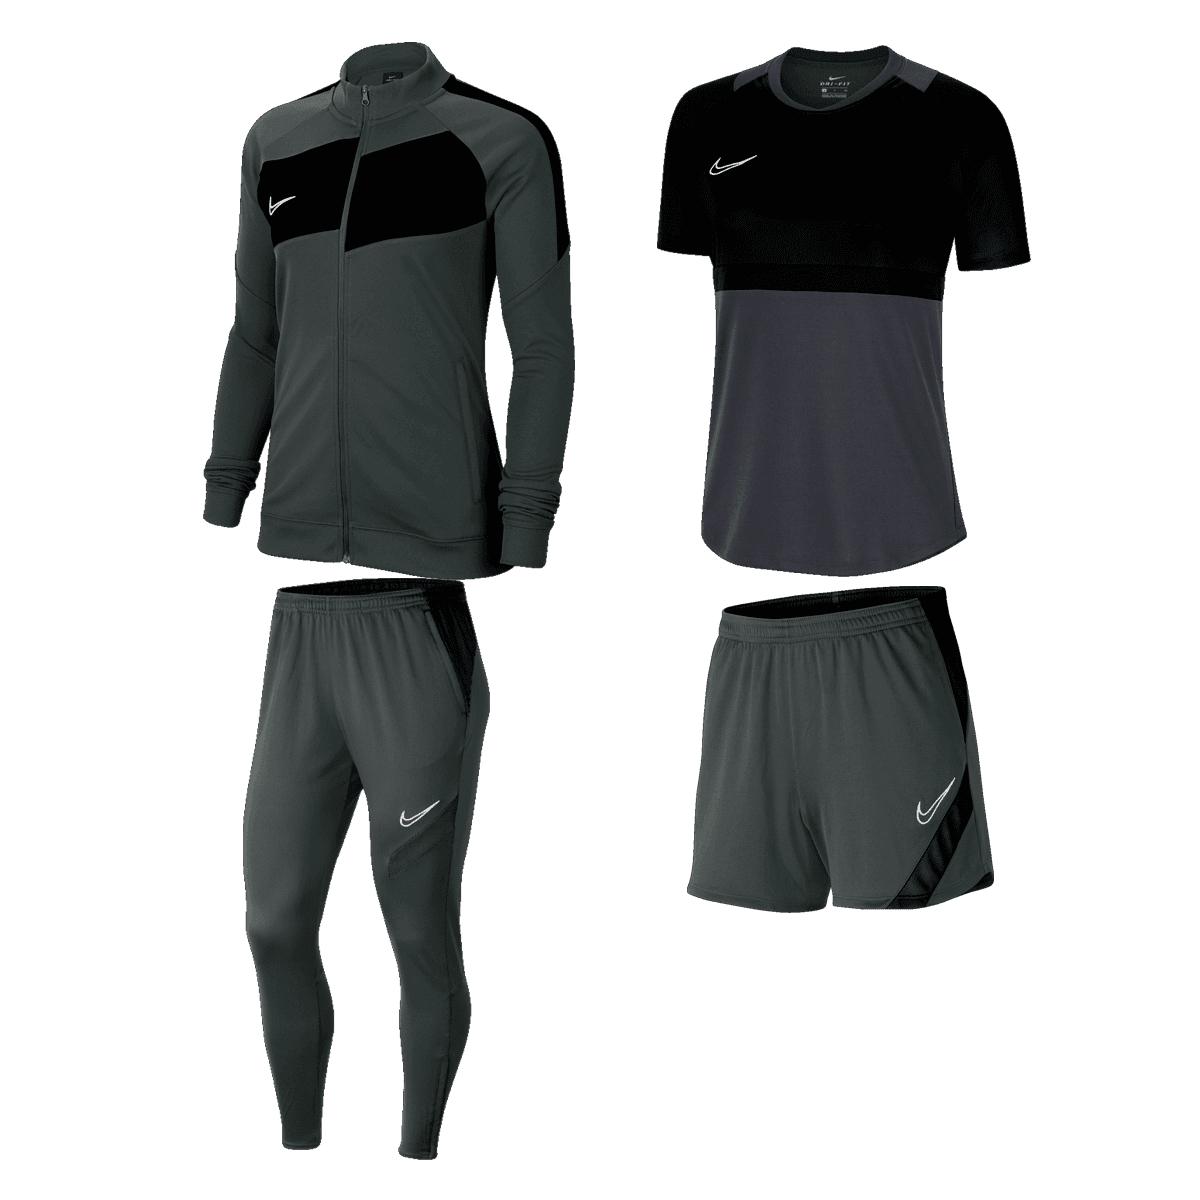 Nike komplet treningowy damski Academy Pro 4-częściowy S-XL @Geomix